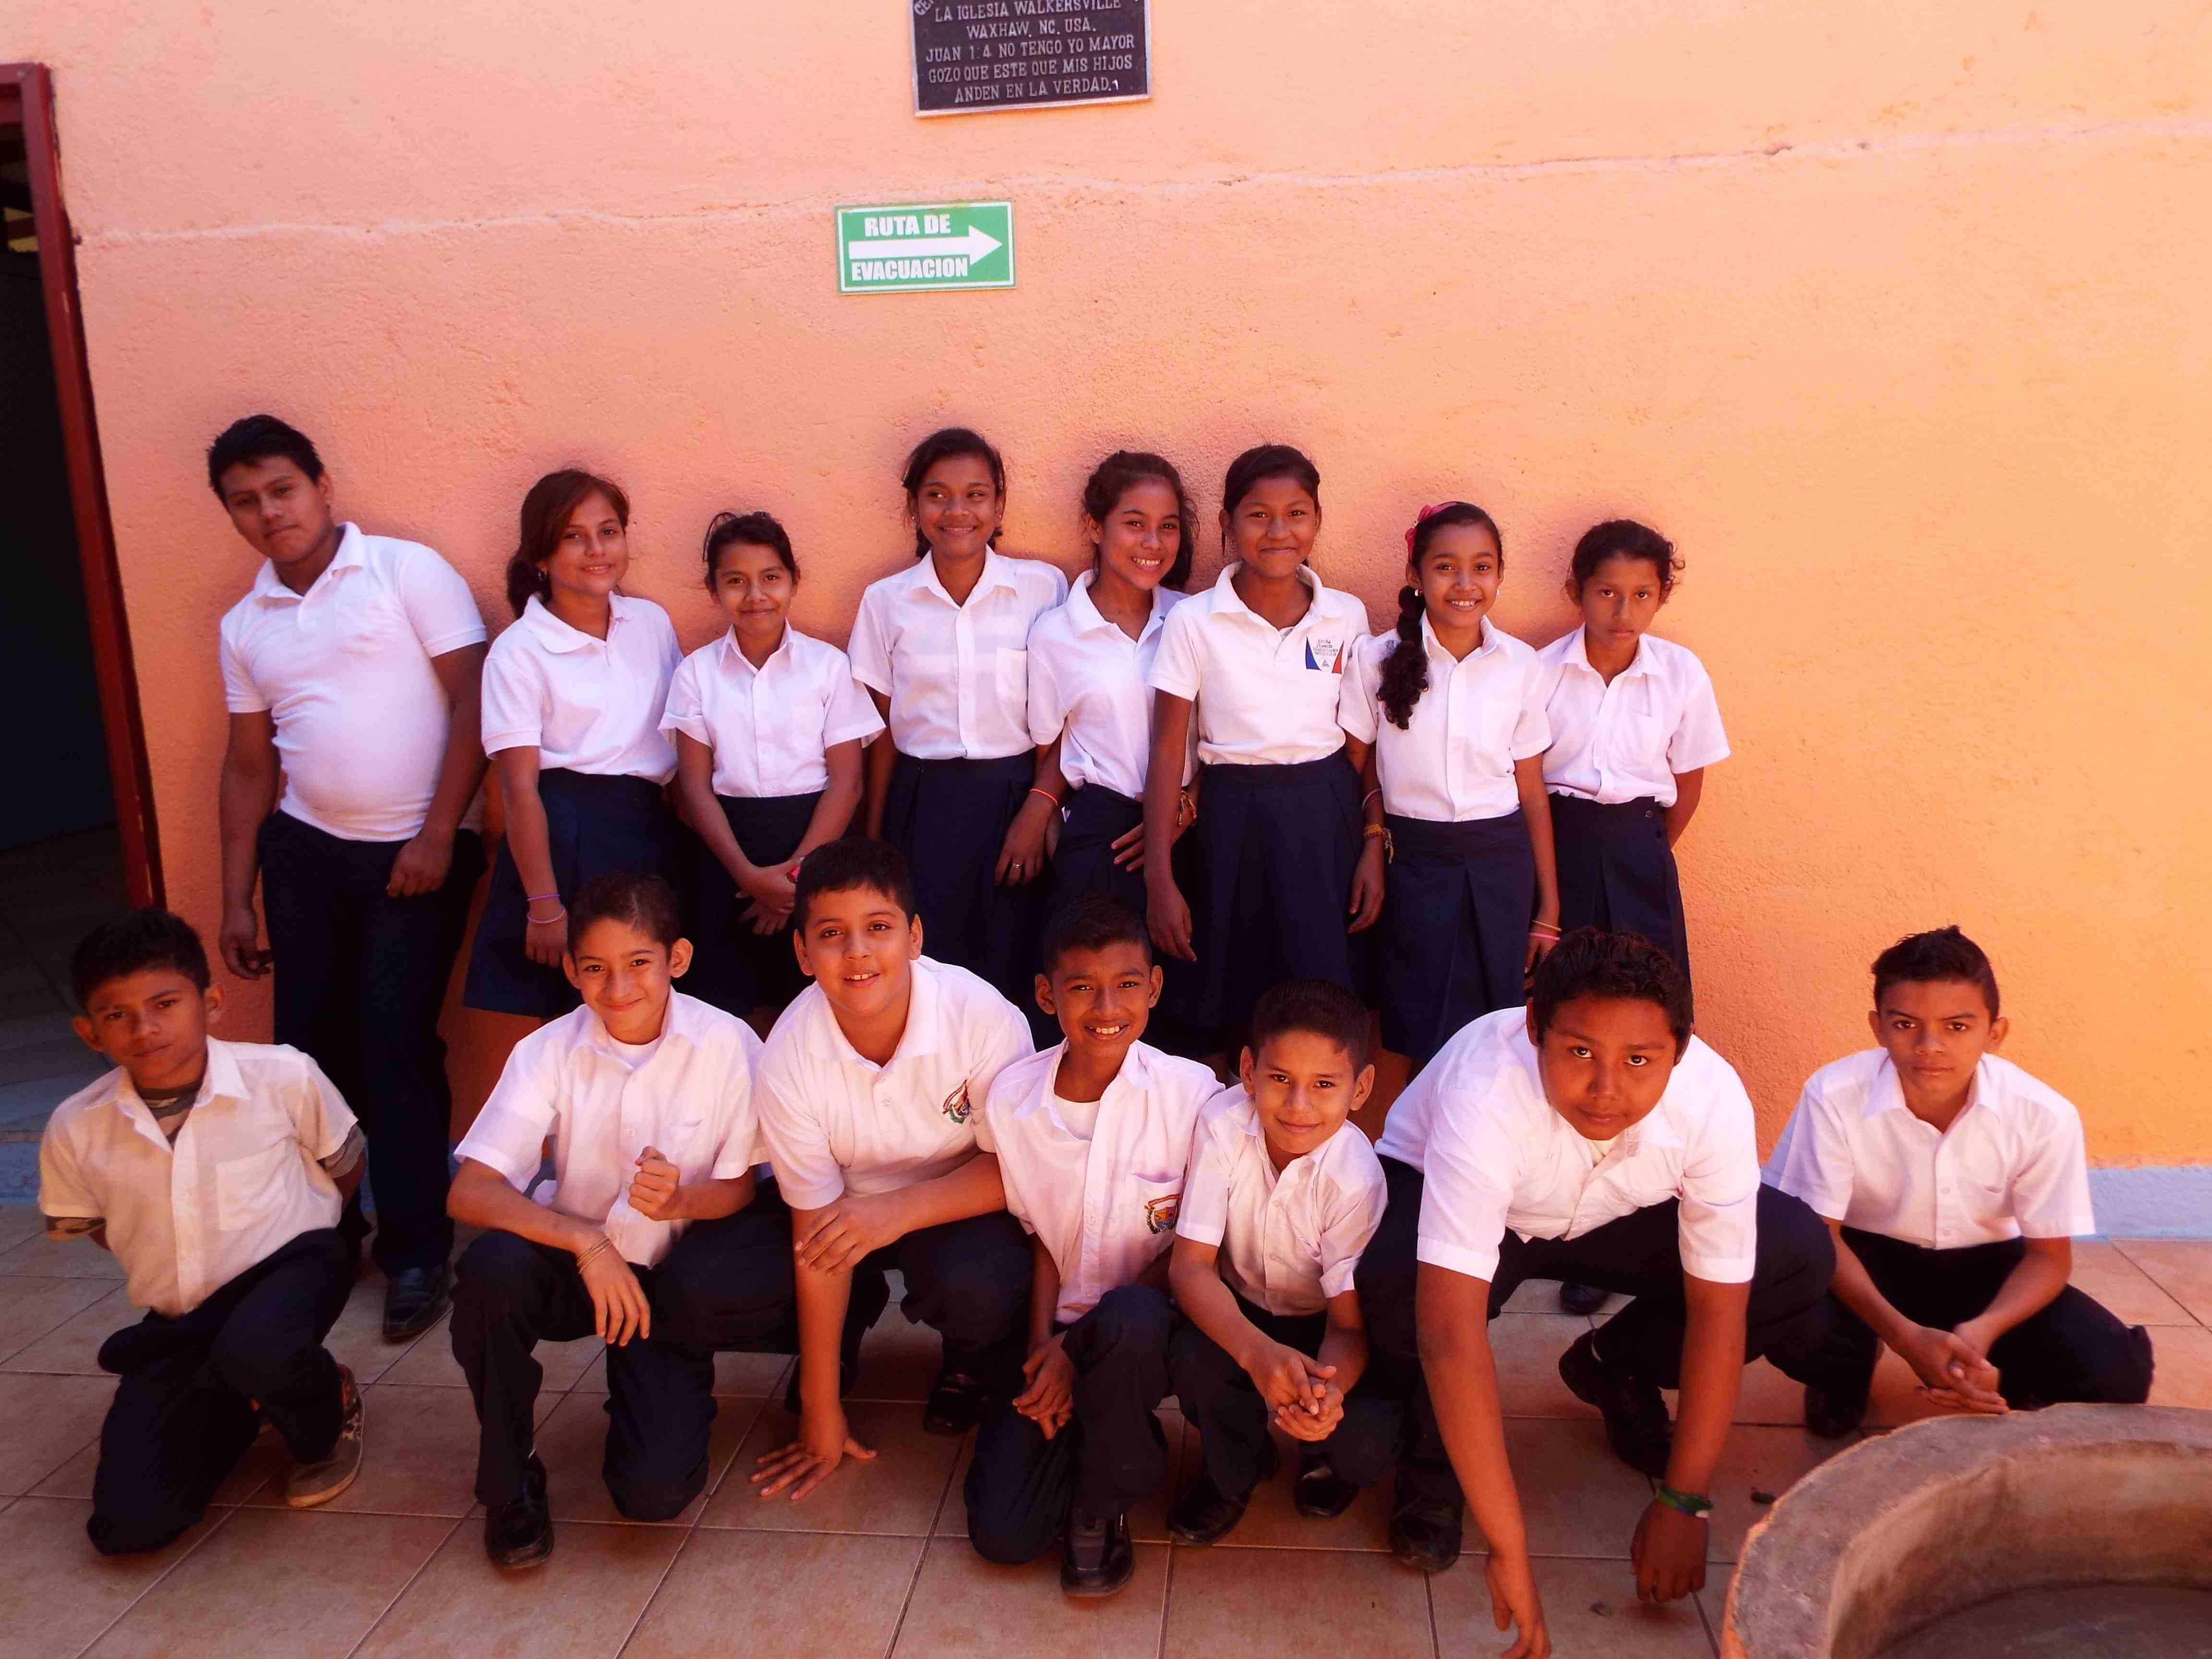 2015 - 6th Grade class